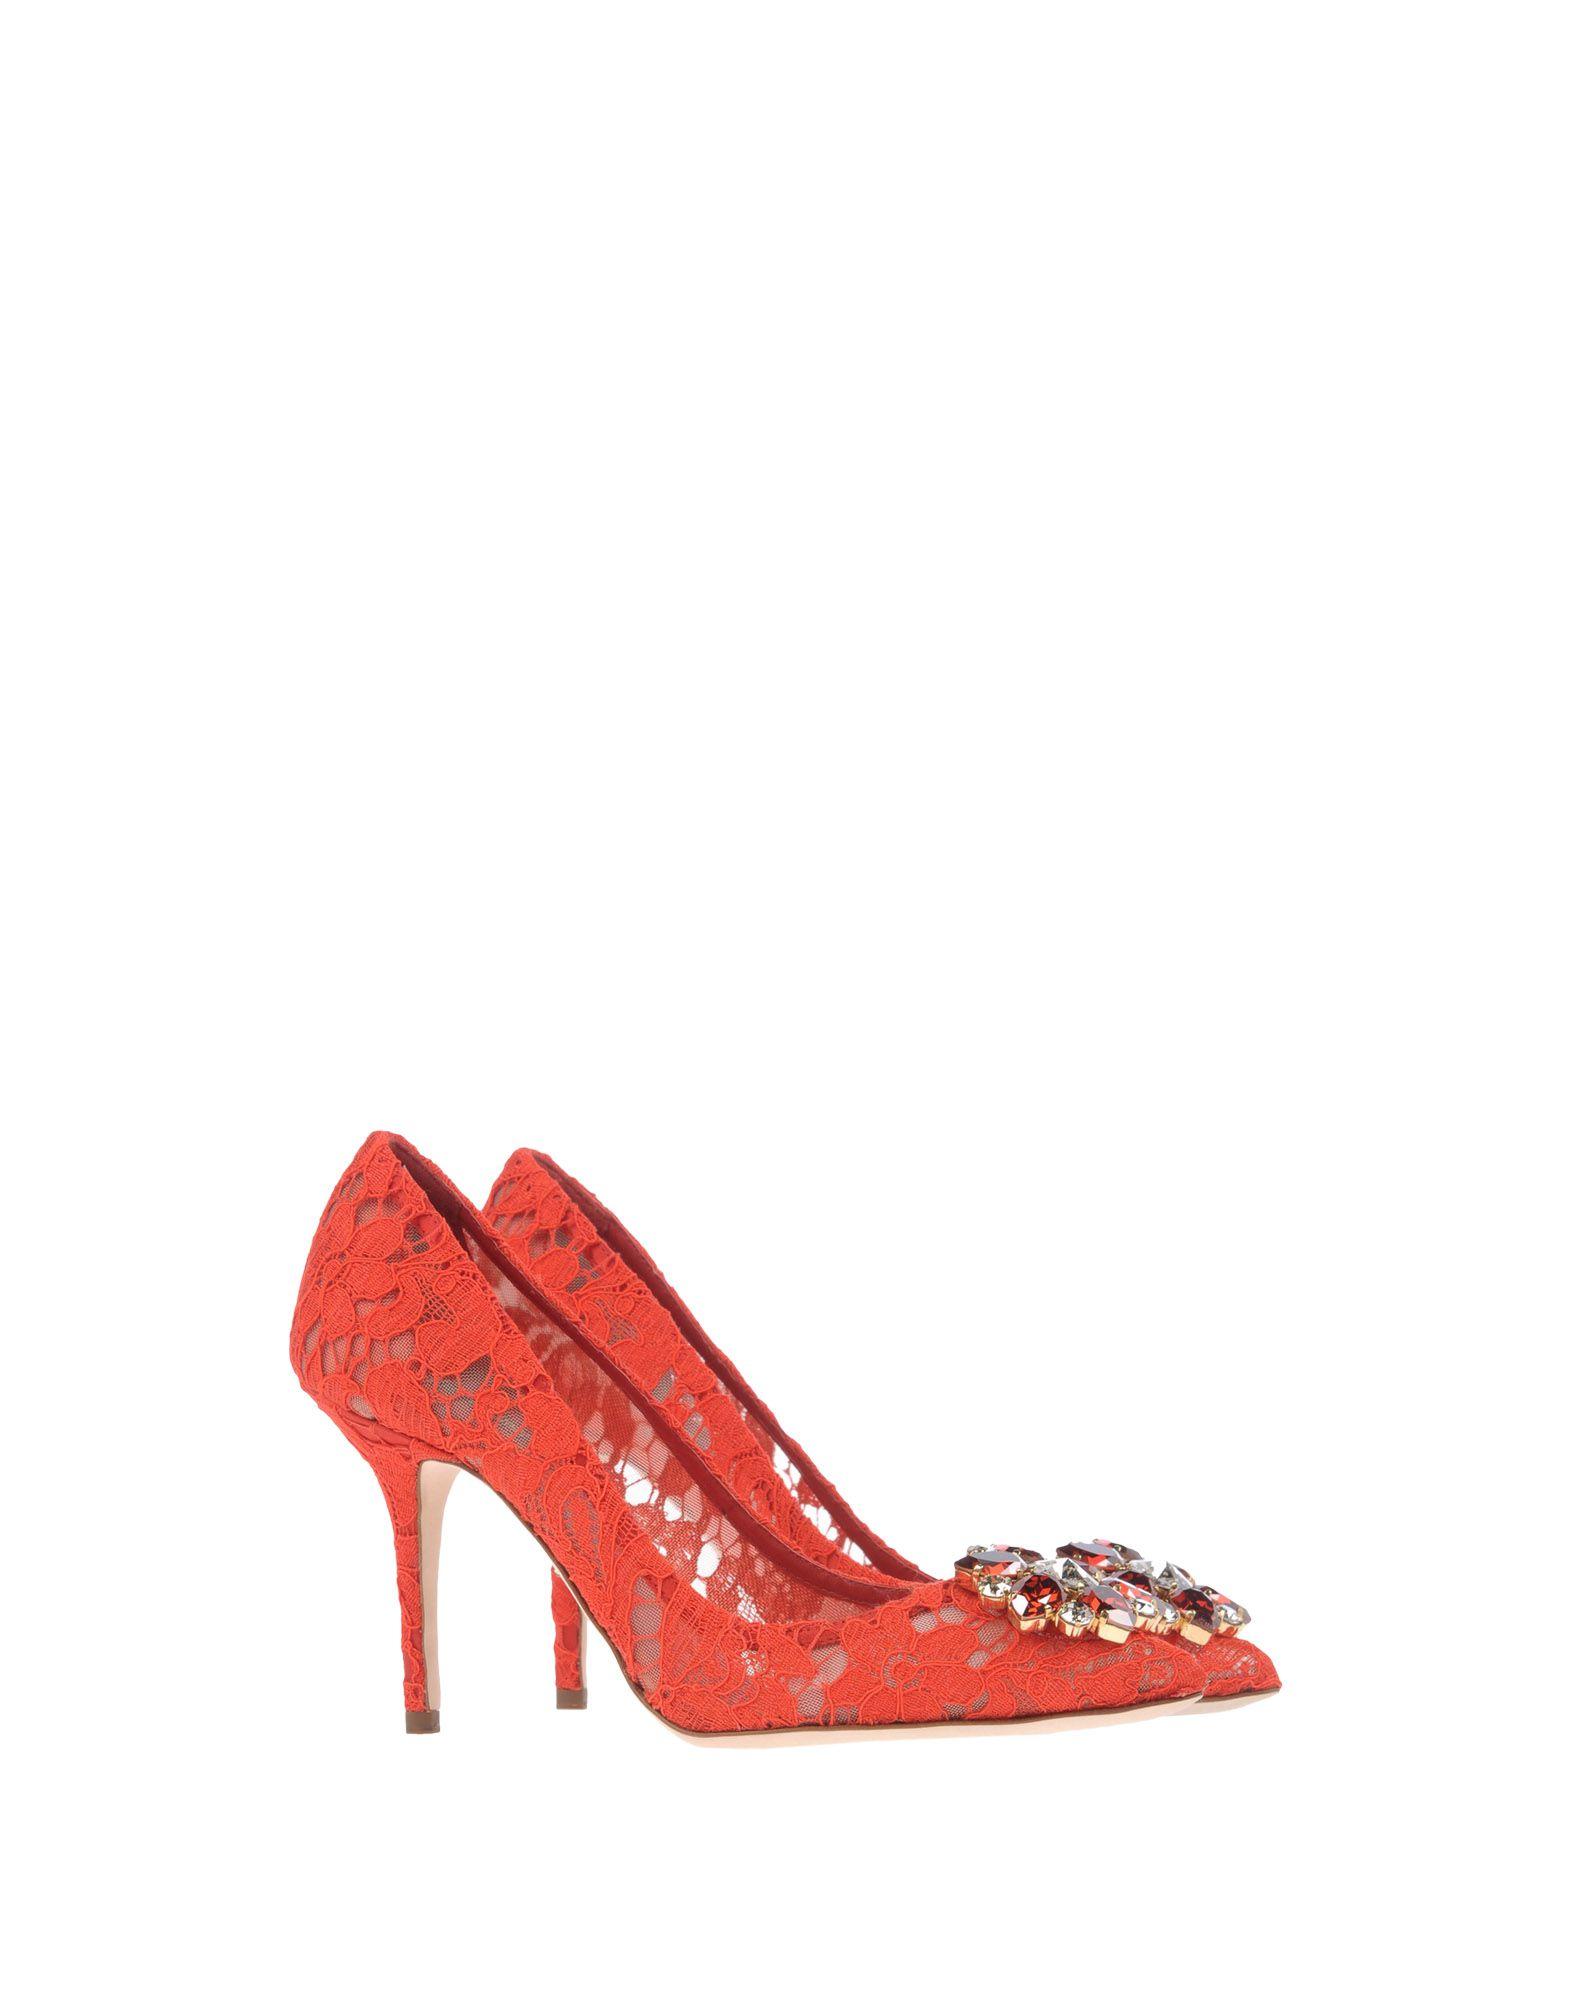 Dolce & Gabbana Pumps aussehende Damen  11214410EHGünstige gut aussehende Pumps Schuhe 6f0f9f